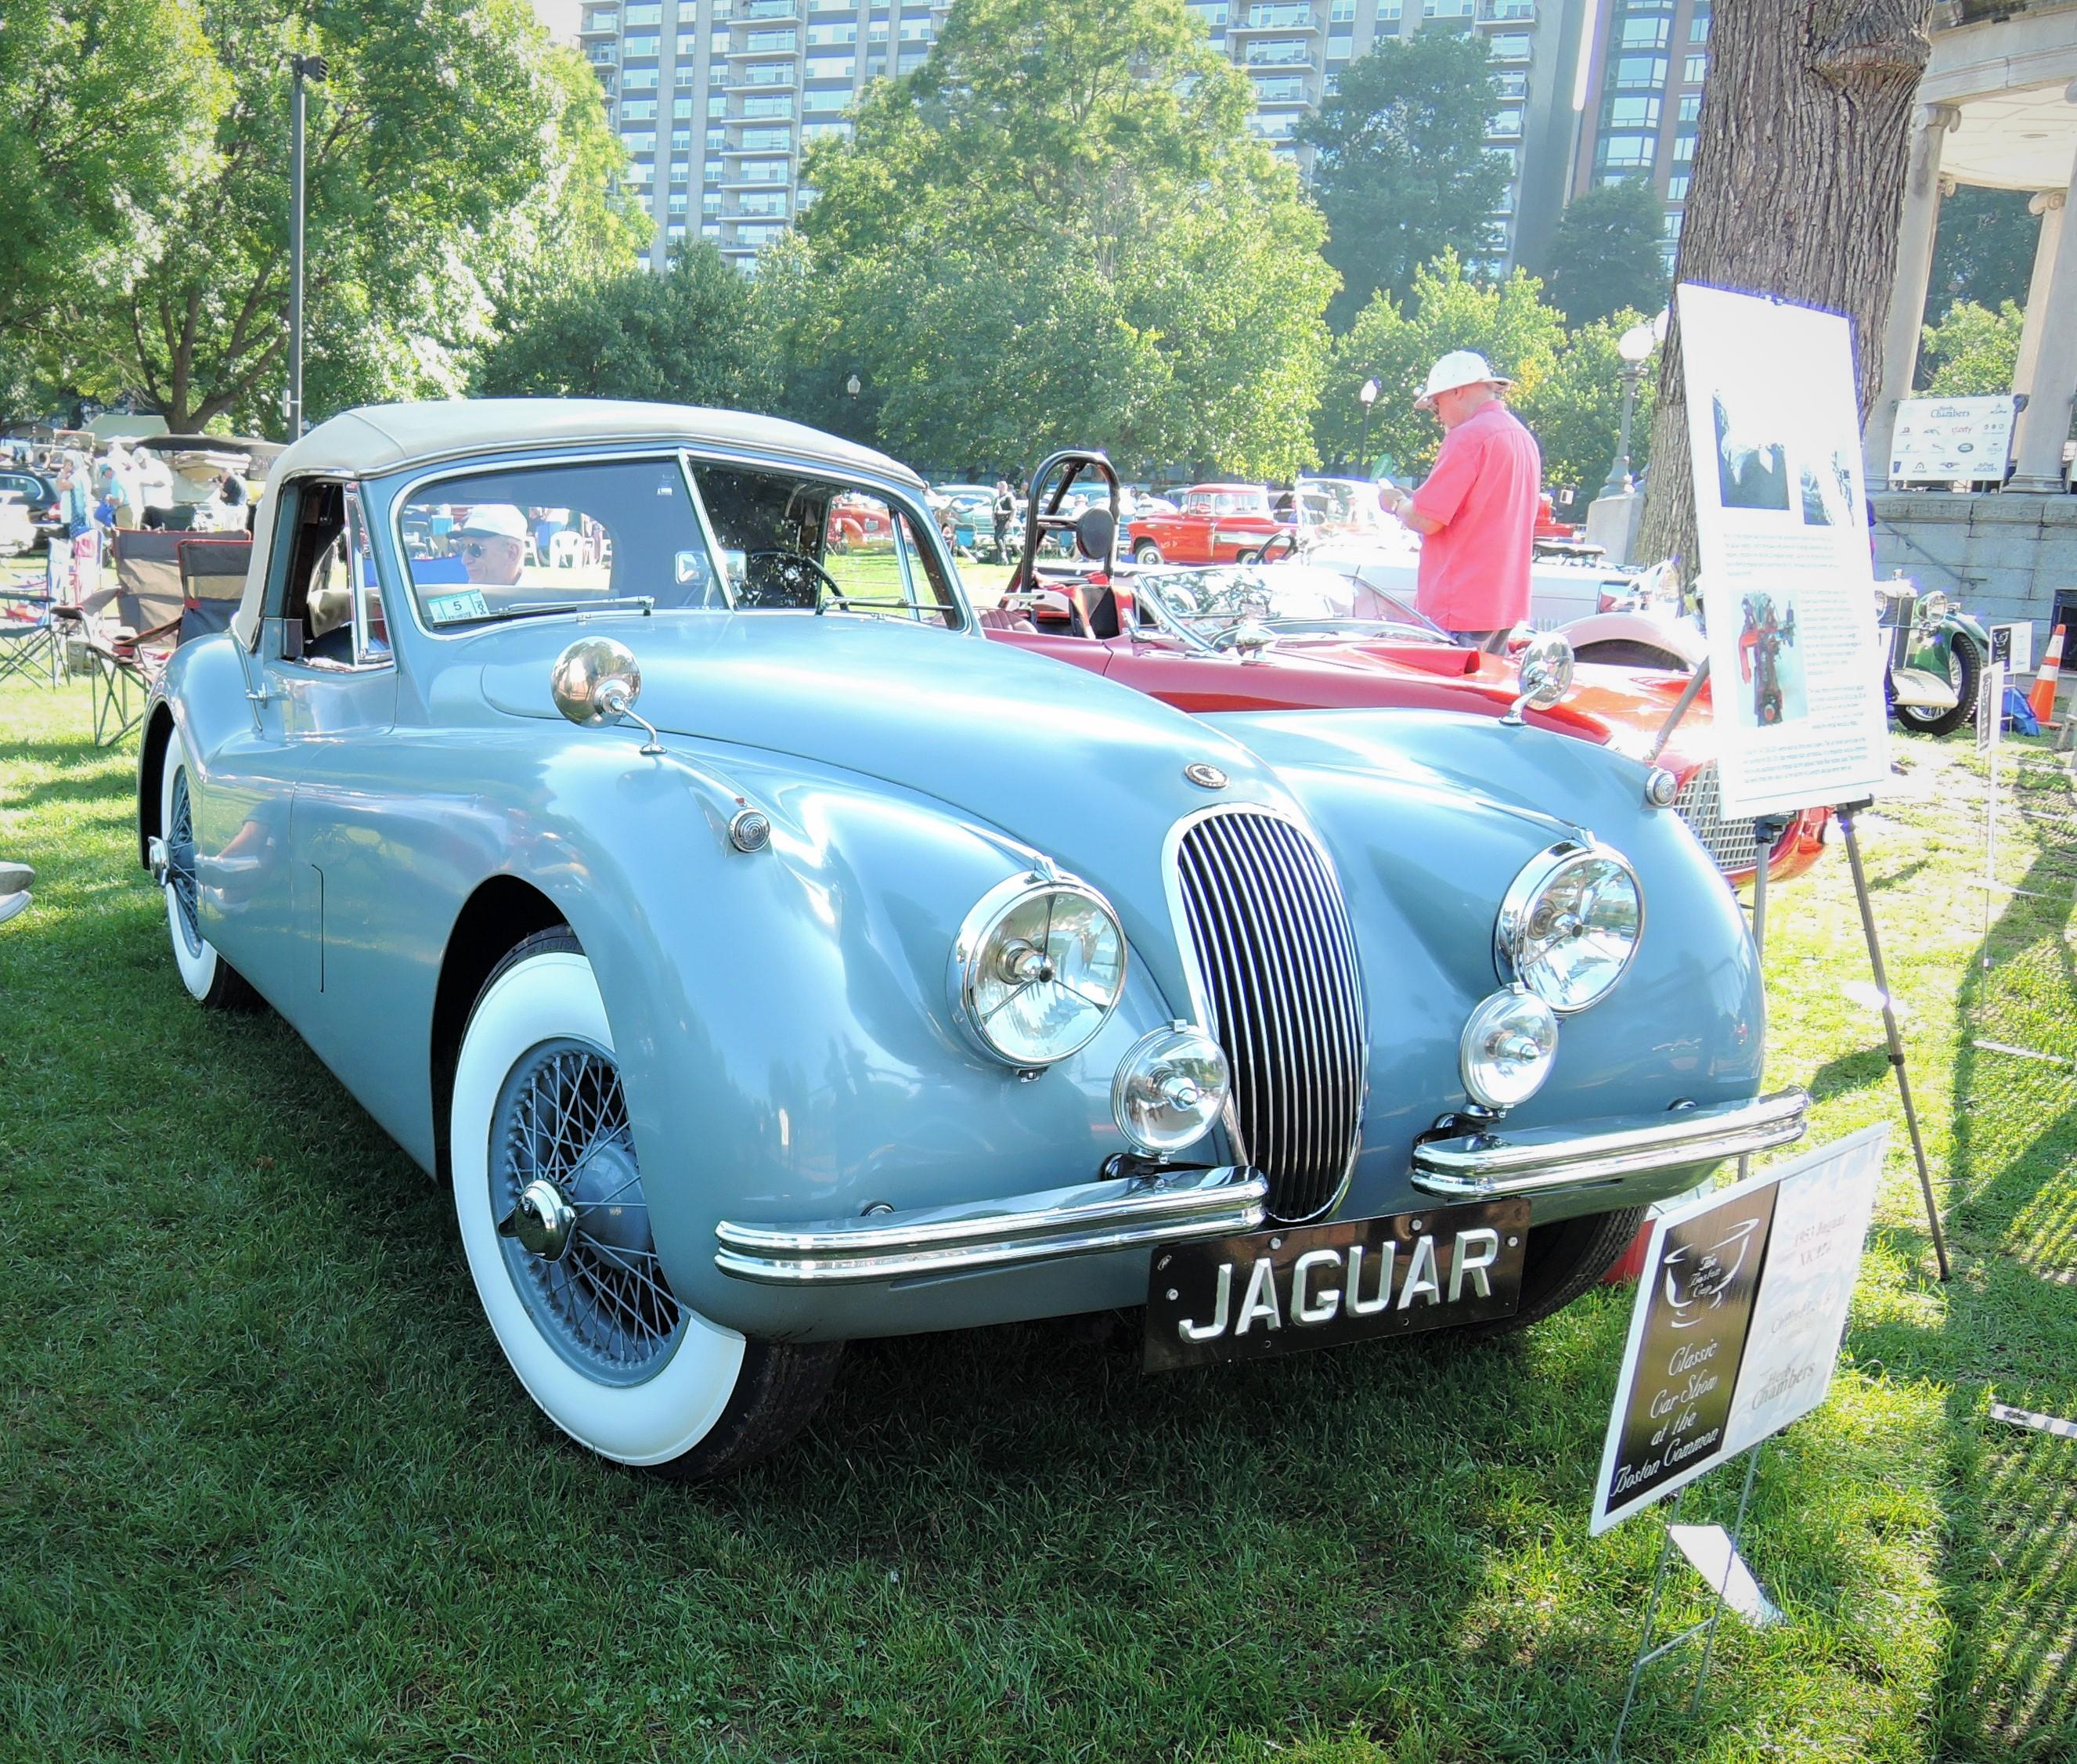 blue 1953 Jaguar XK 120 - The Boston Cup 2017